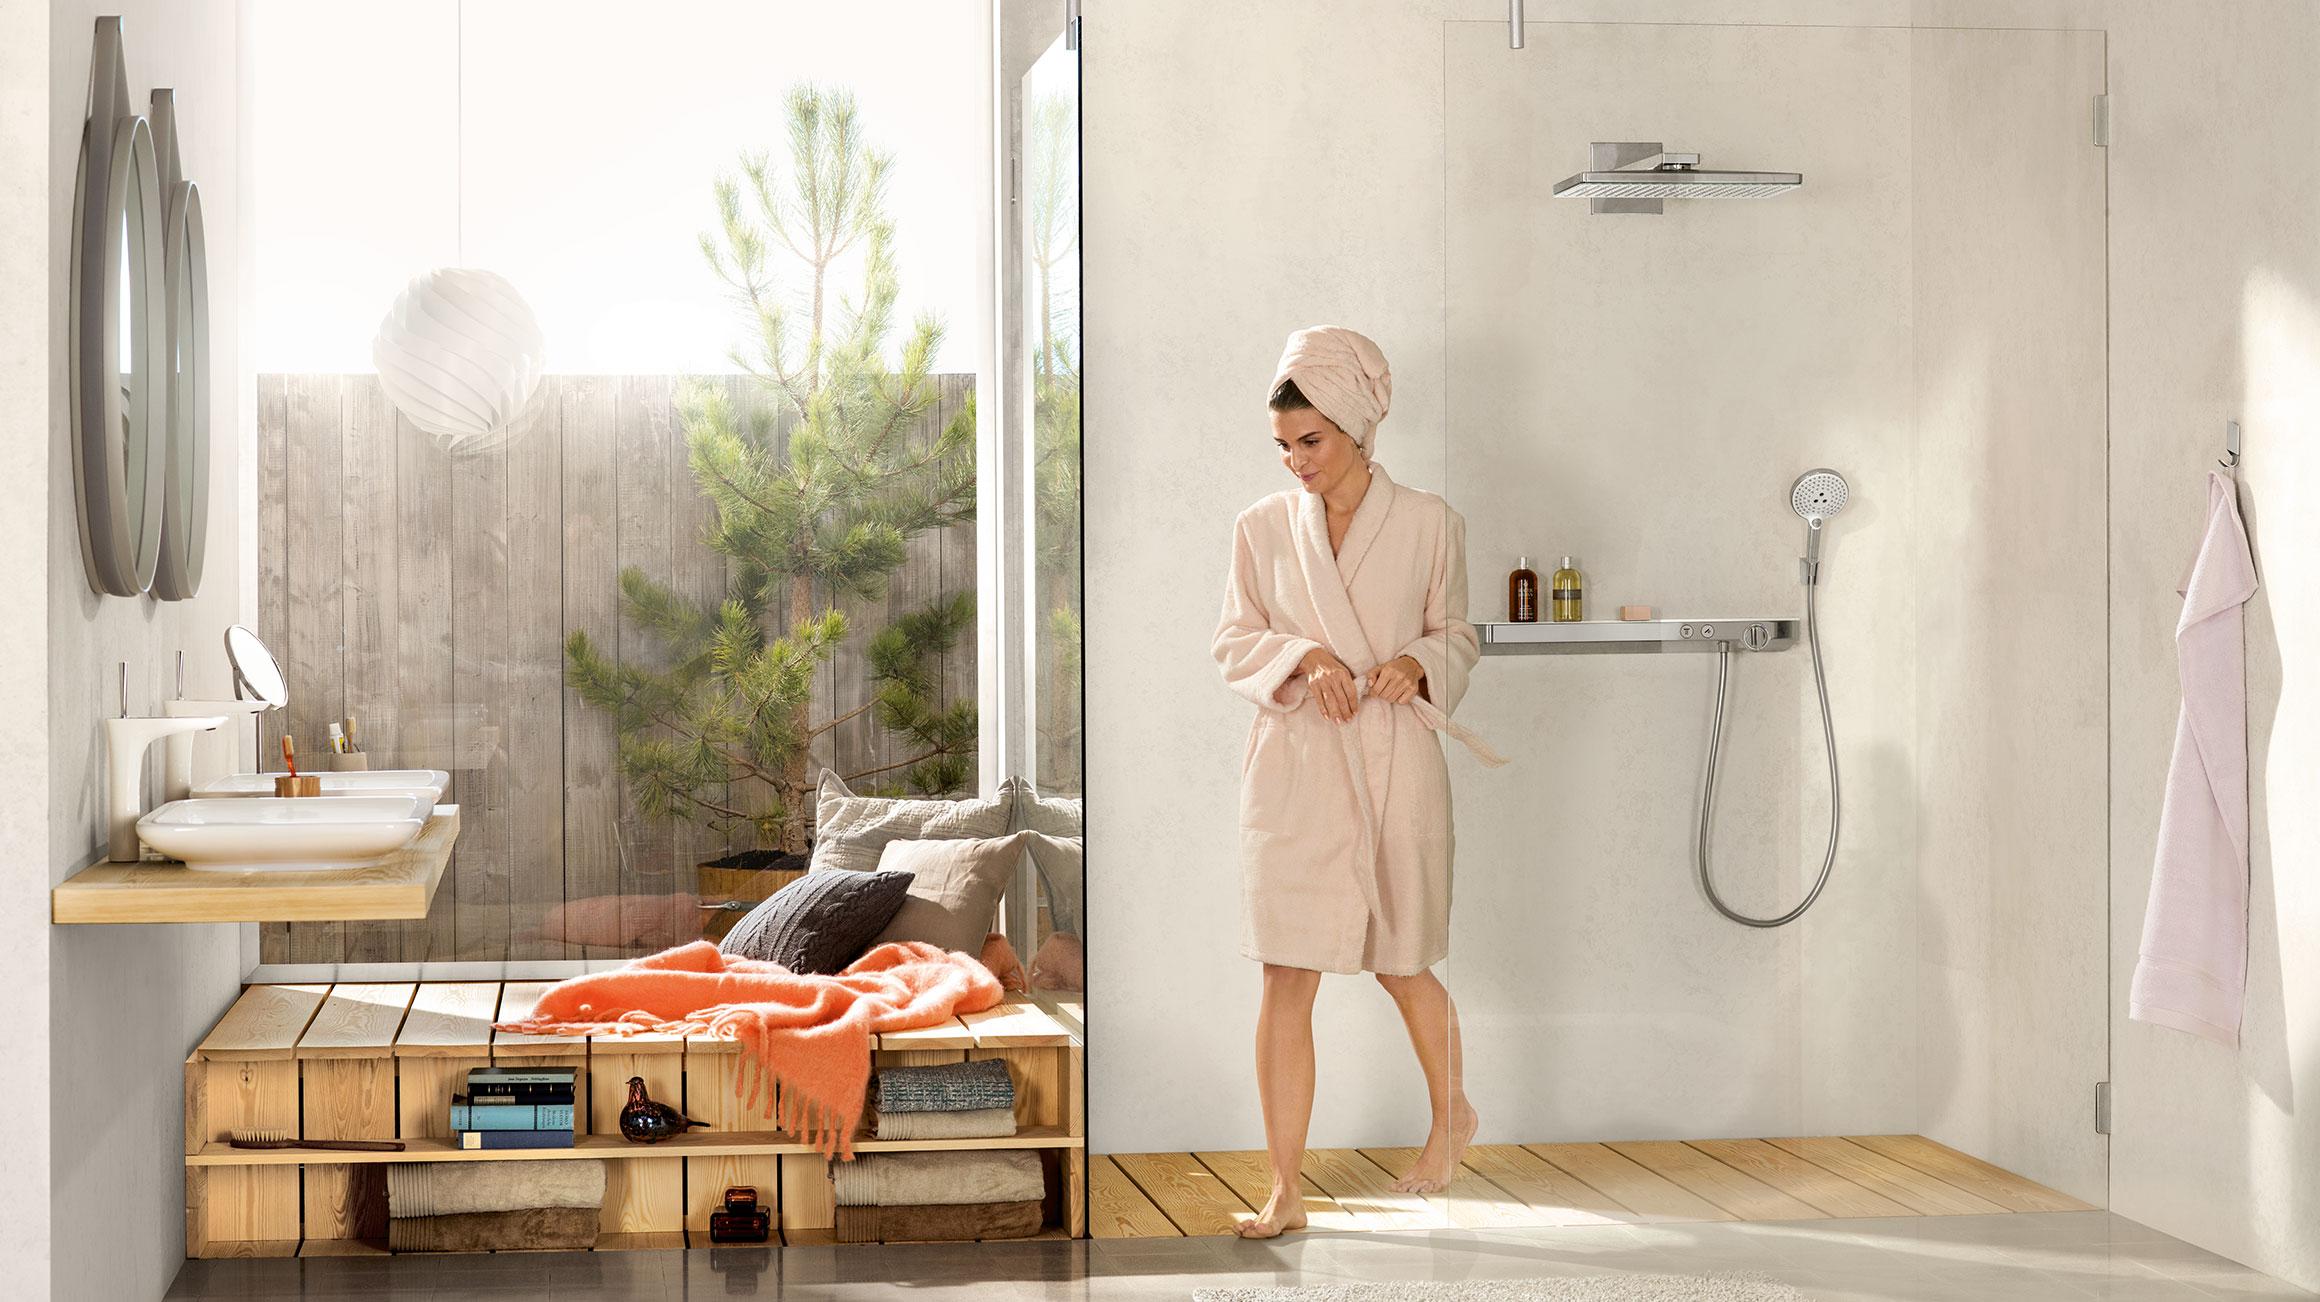 Een Gezellige Badkamer : Woonbadkamer u tips voor warm badkamerdesign hansgrohe nl